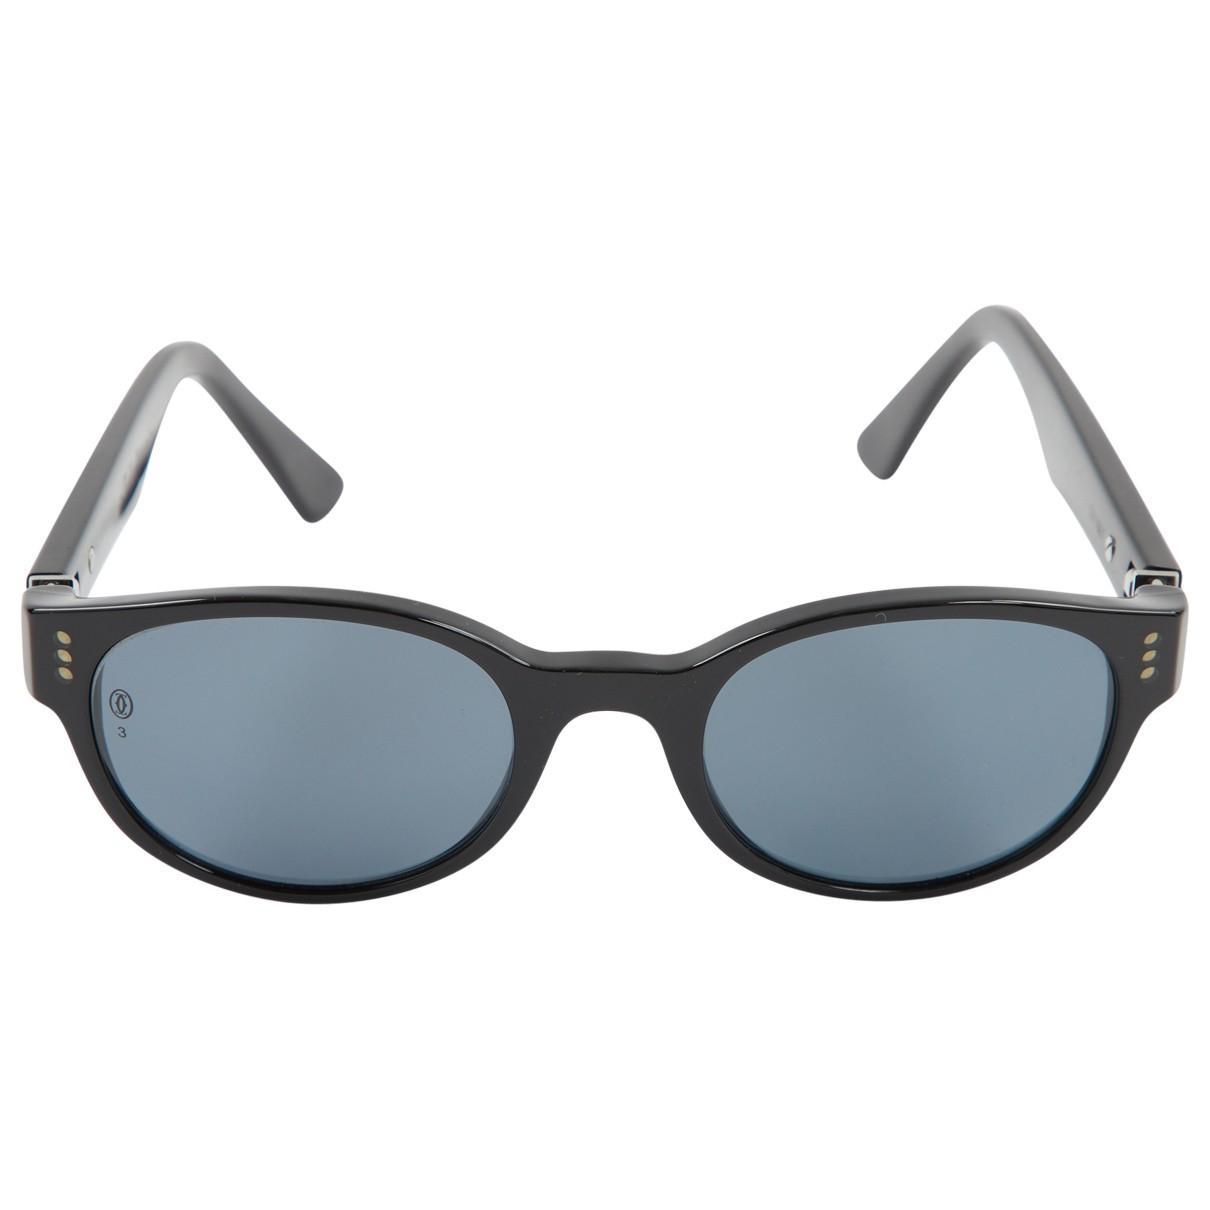 1701e99964d66d Cartier. Women s Black Sunglasses. £245 From Vestiaire Collective